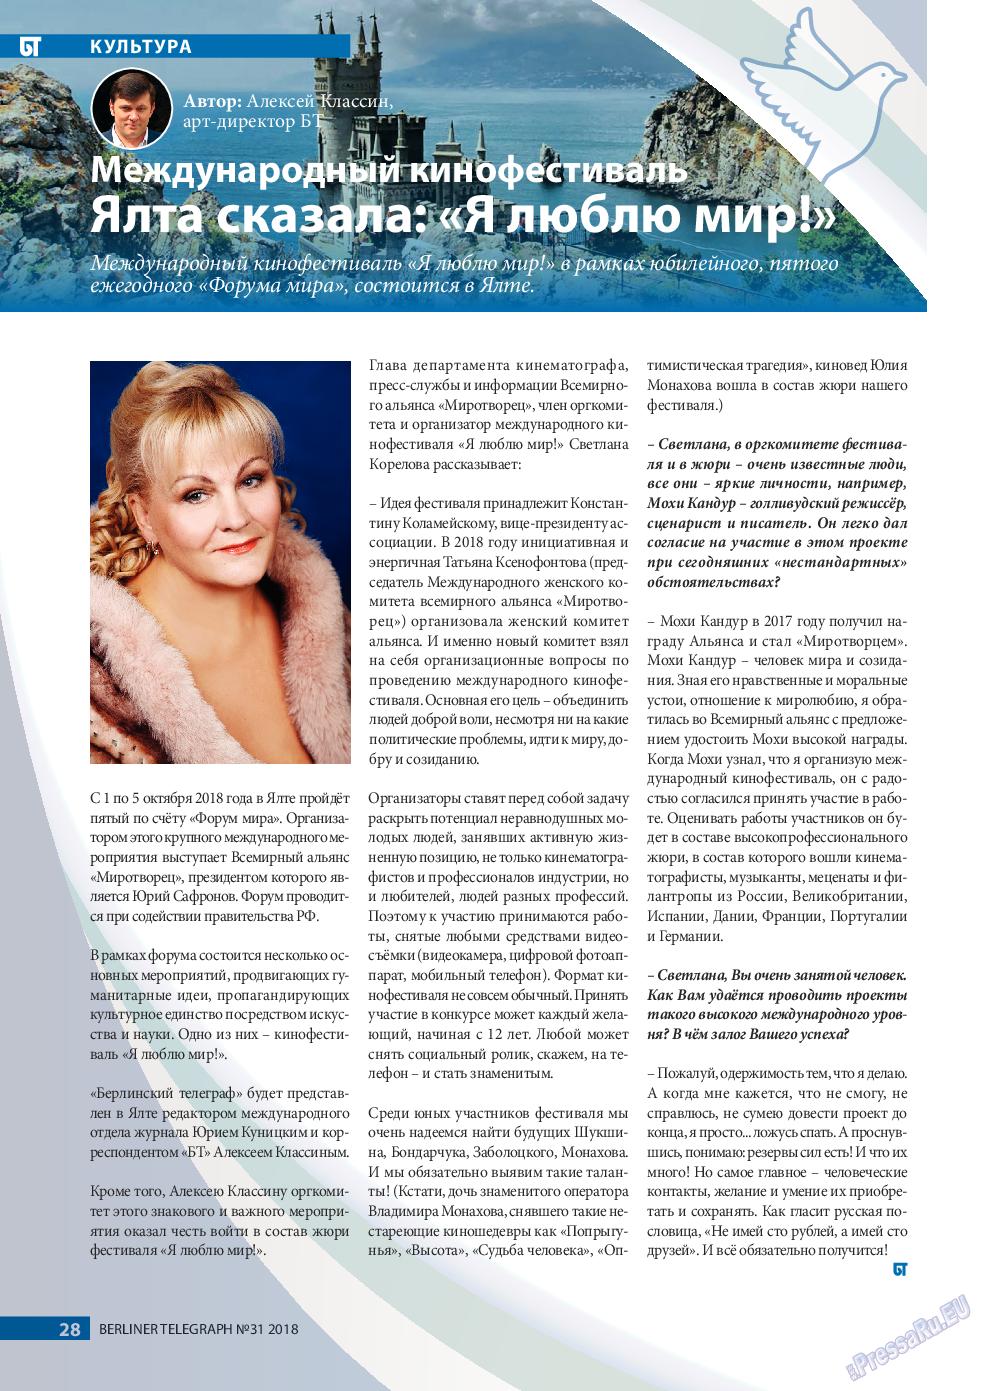 Берлинский телеграф (журнал). 2018 год, номер 31, стр. 28